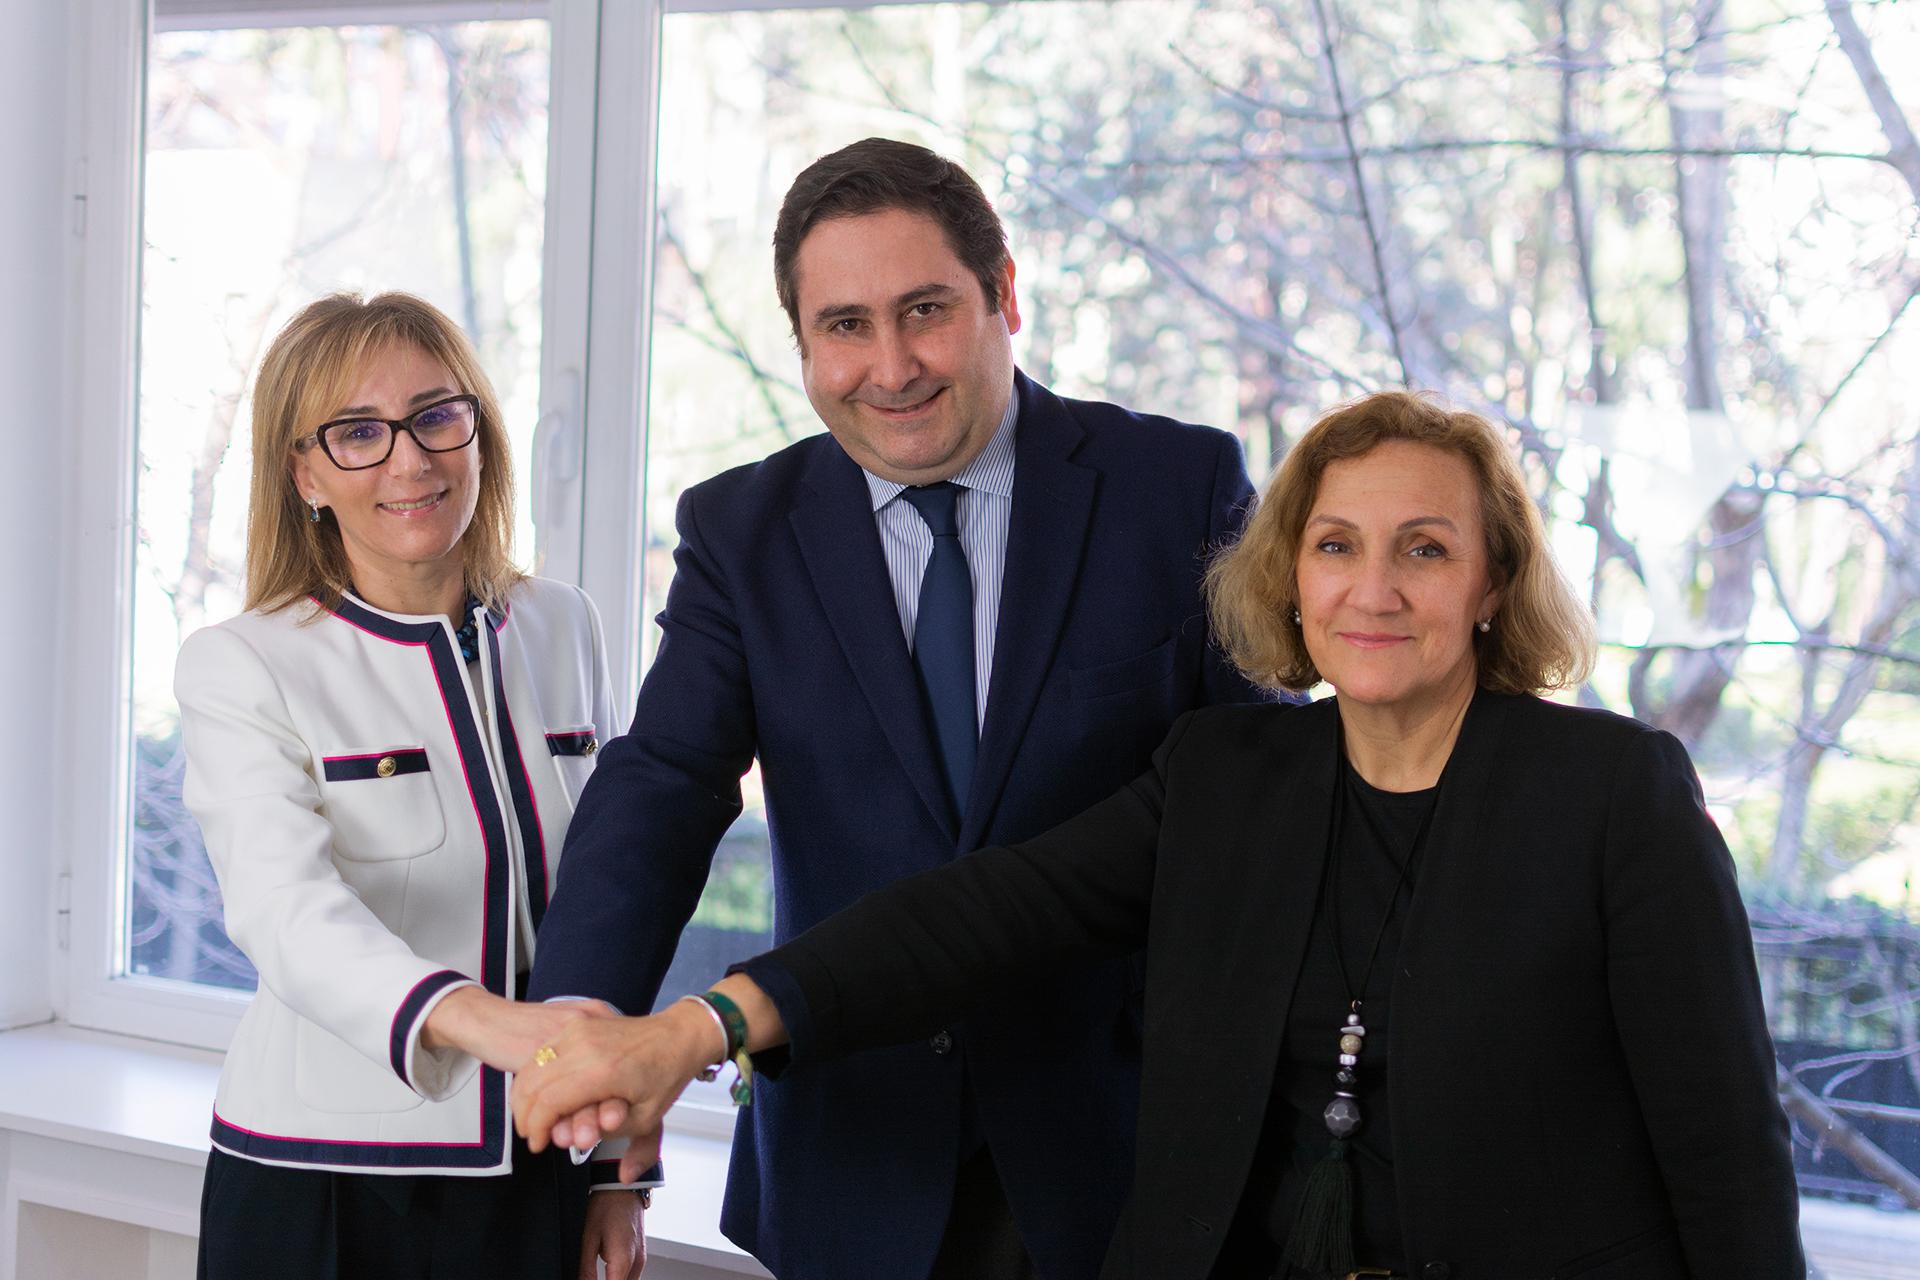 DJV Abogados Promociona A Carmen G. Ramallo Y Eva Medicis Como Socias Profesionales